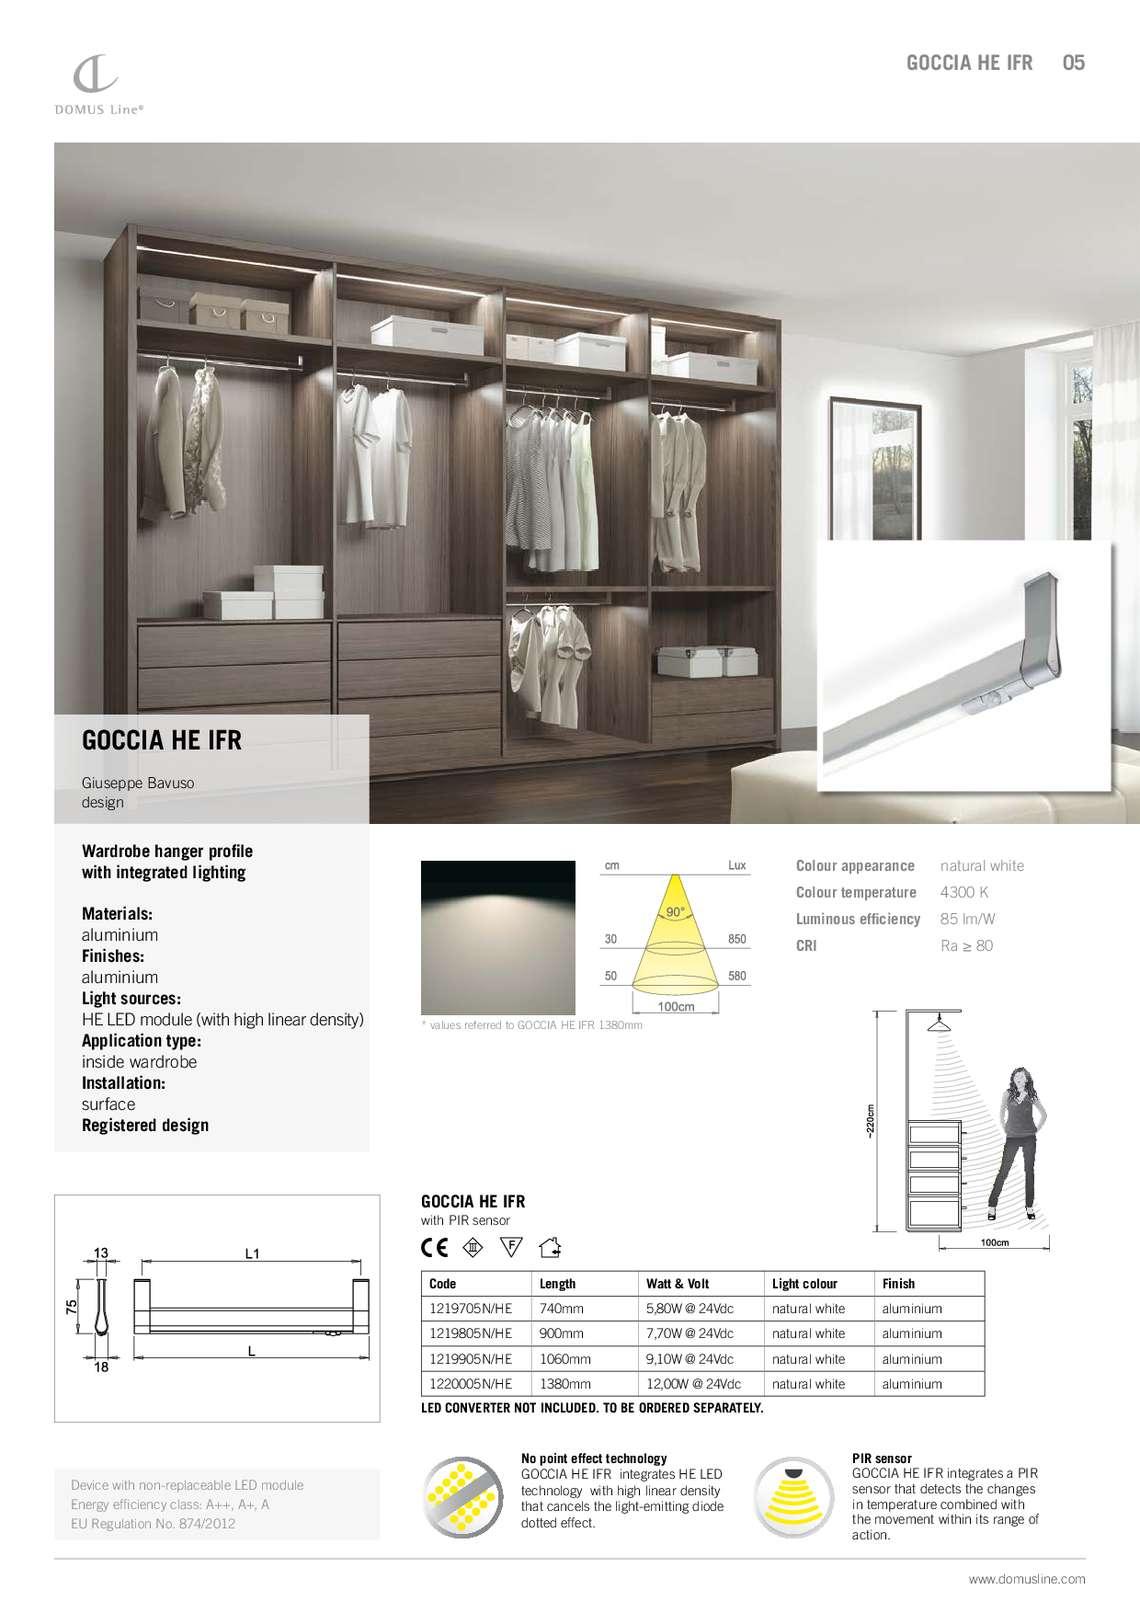 domus-line-top-seller_27_006.jpg